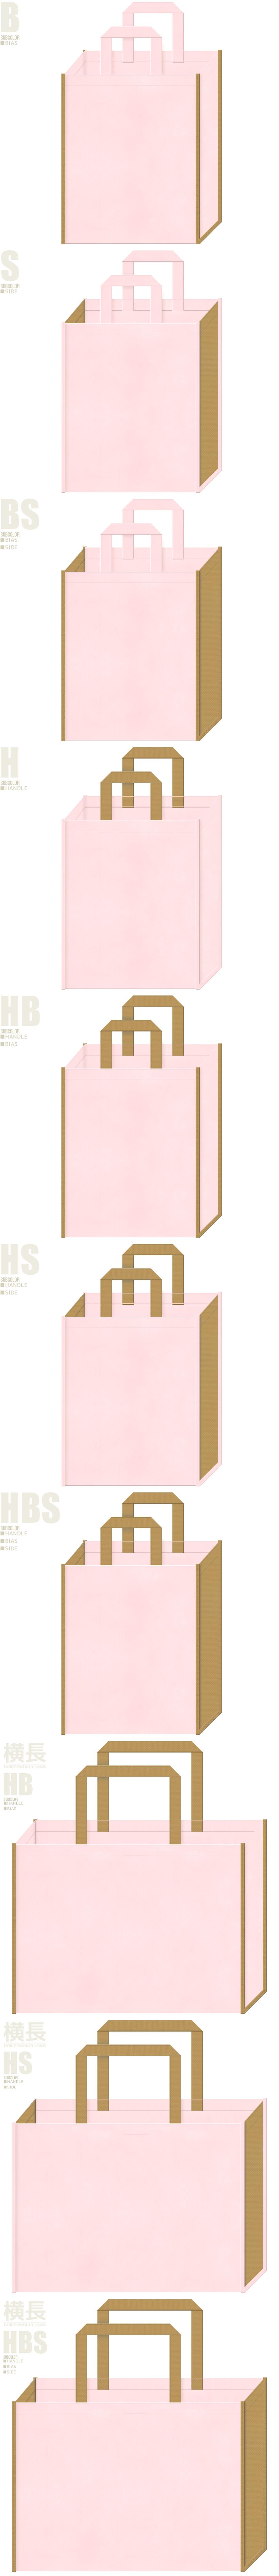 ガーリーデザイン・おとぎ話のイメージにお奨めの不織布バッグデザイン:桜色と金黄土色の配色7パターン。